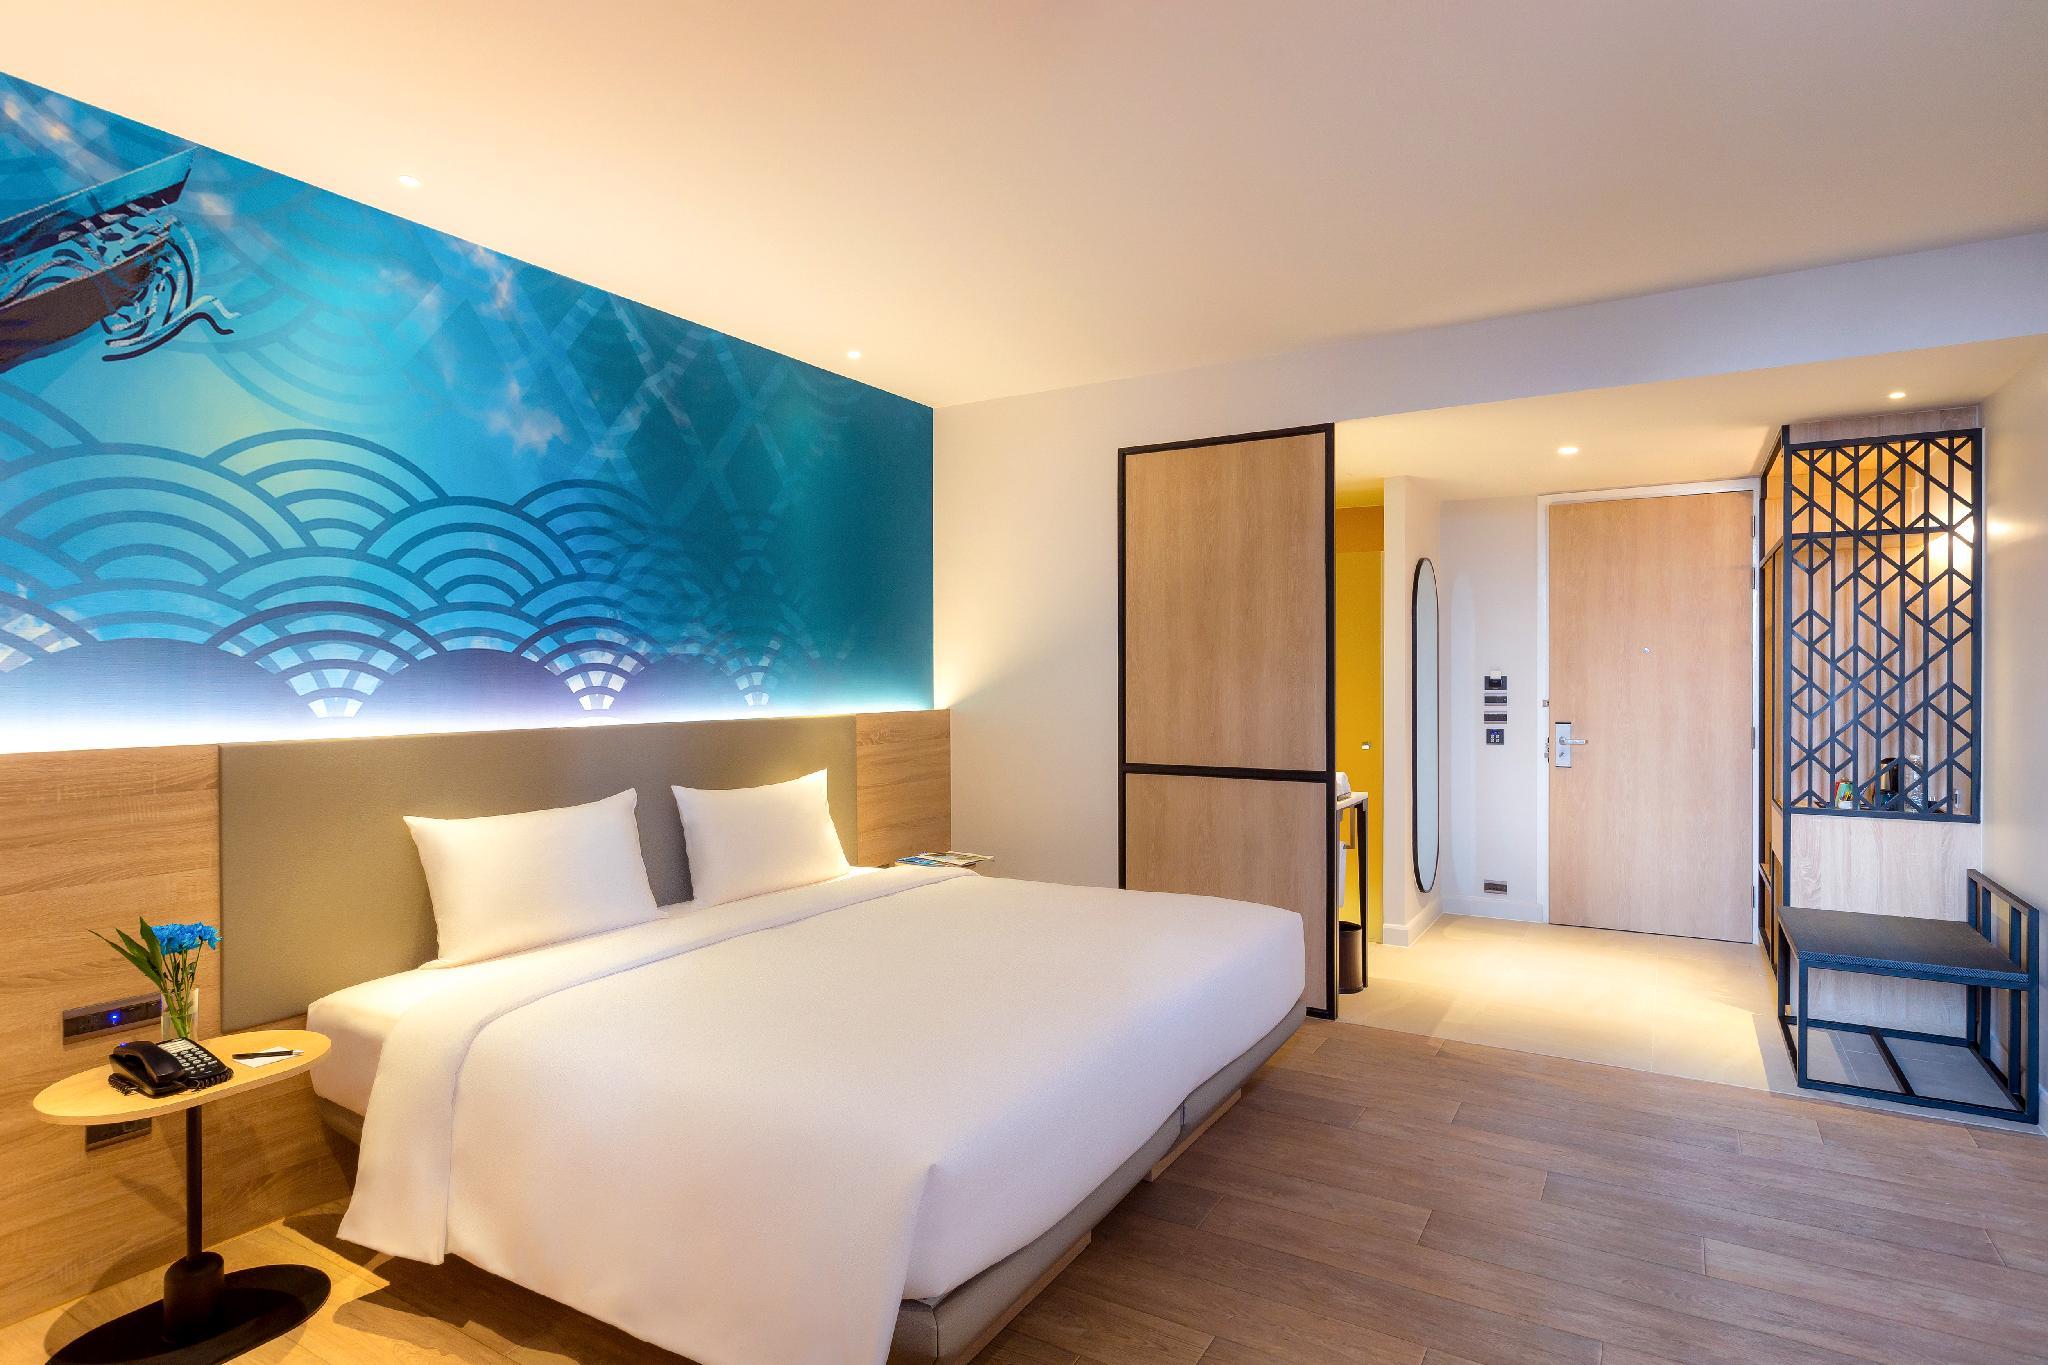 هتل ایبیز استیلز بانگکک راچادا بانکوک